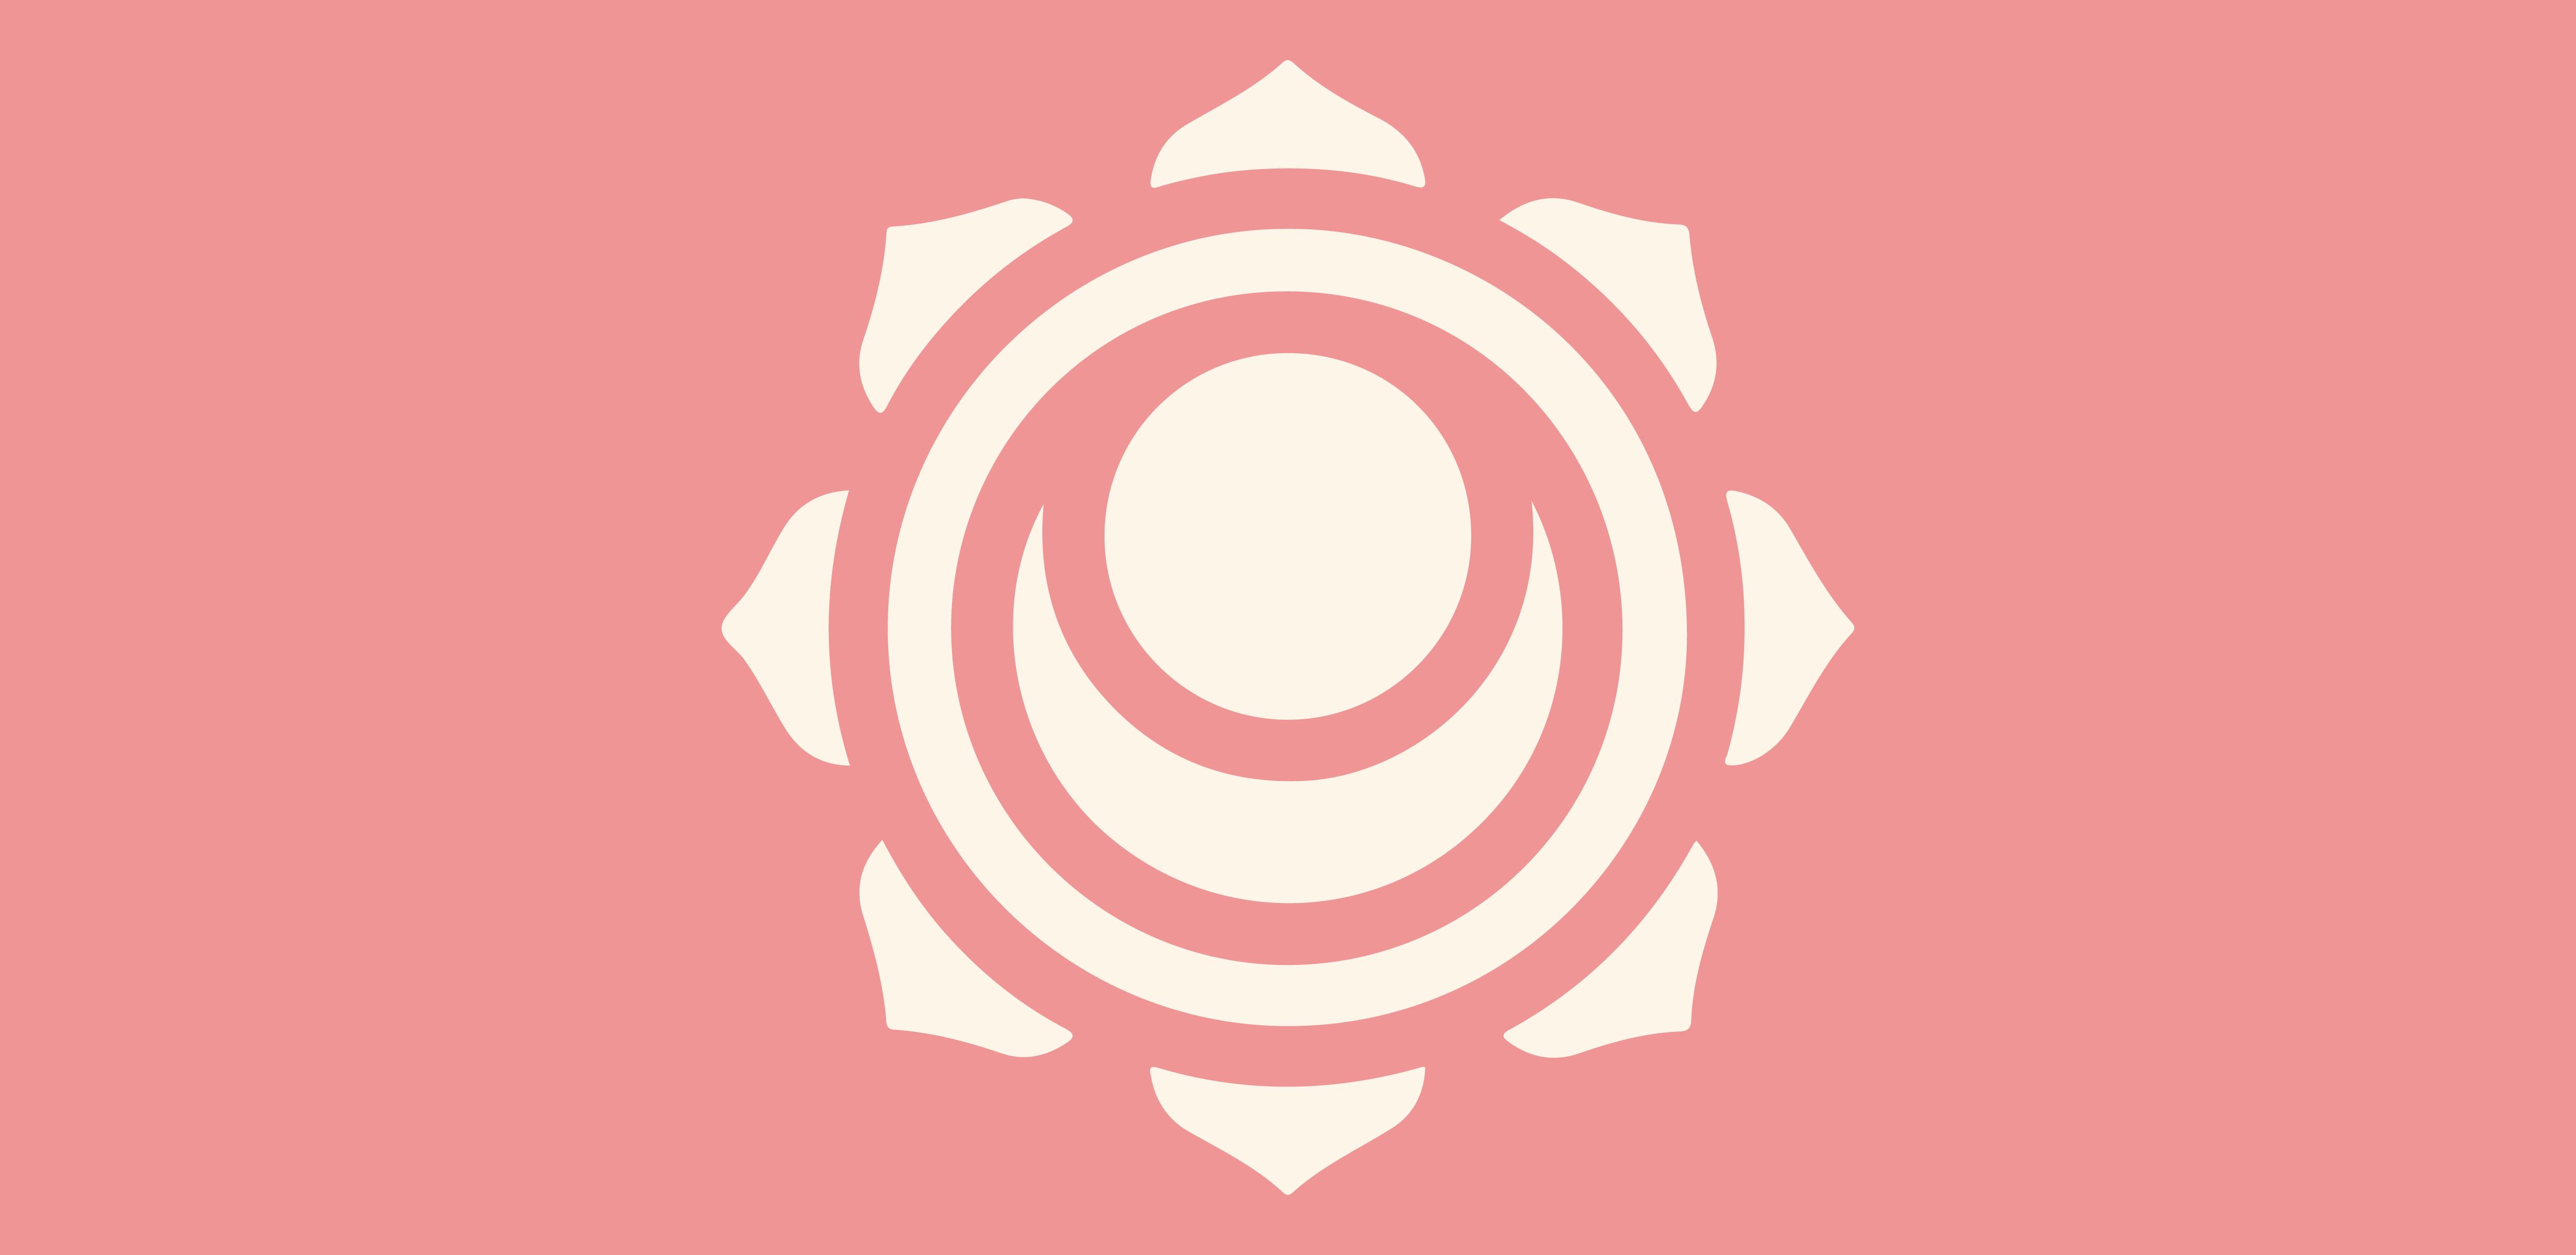 50 de afirmaţii pozitive pentru Sacral Chakra/ Chakra sacră/ Swadhistana